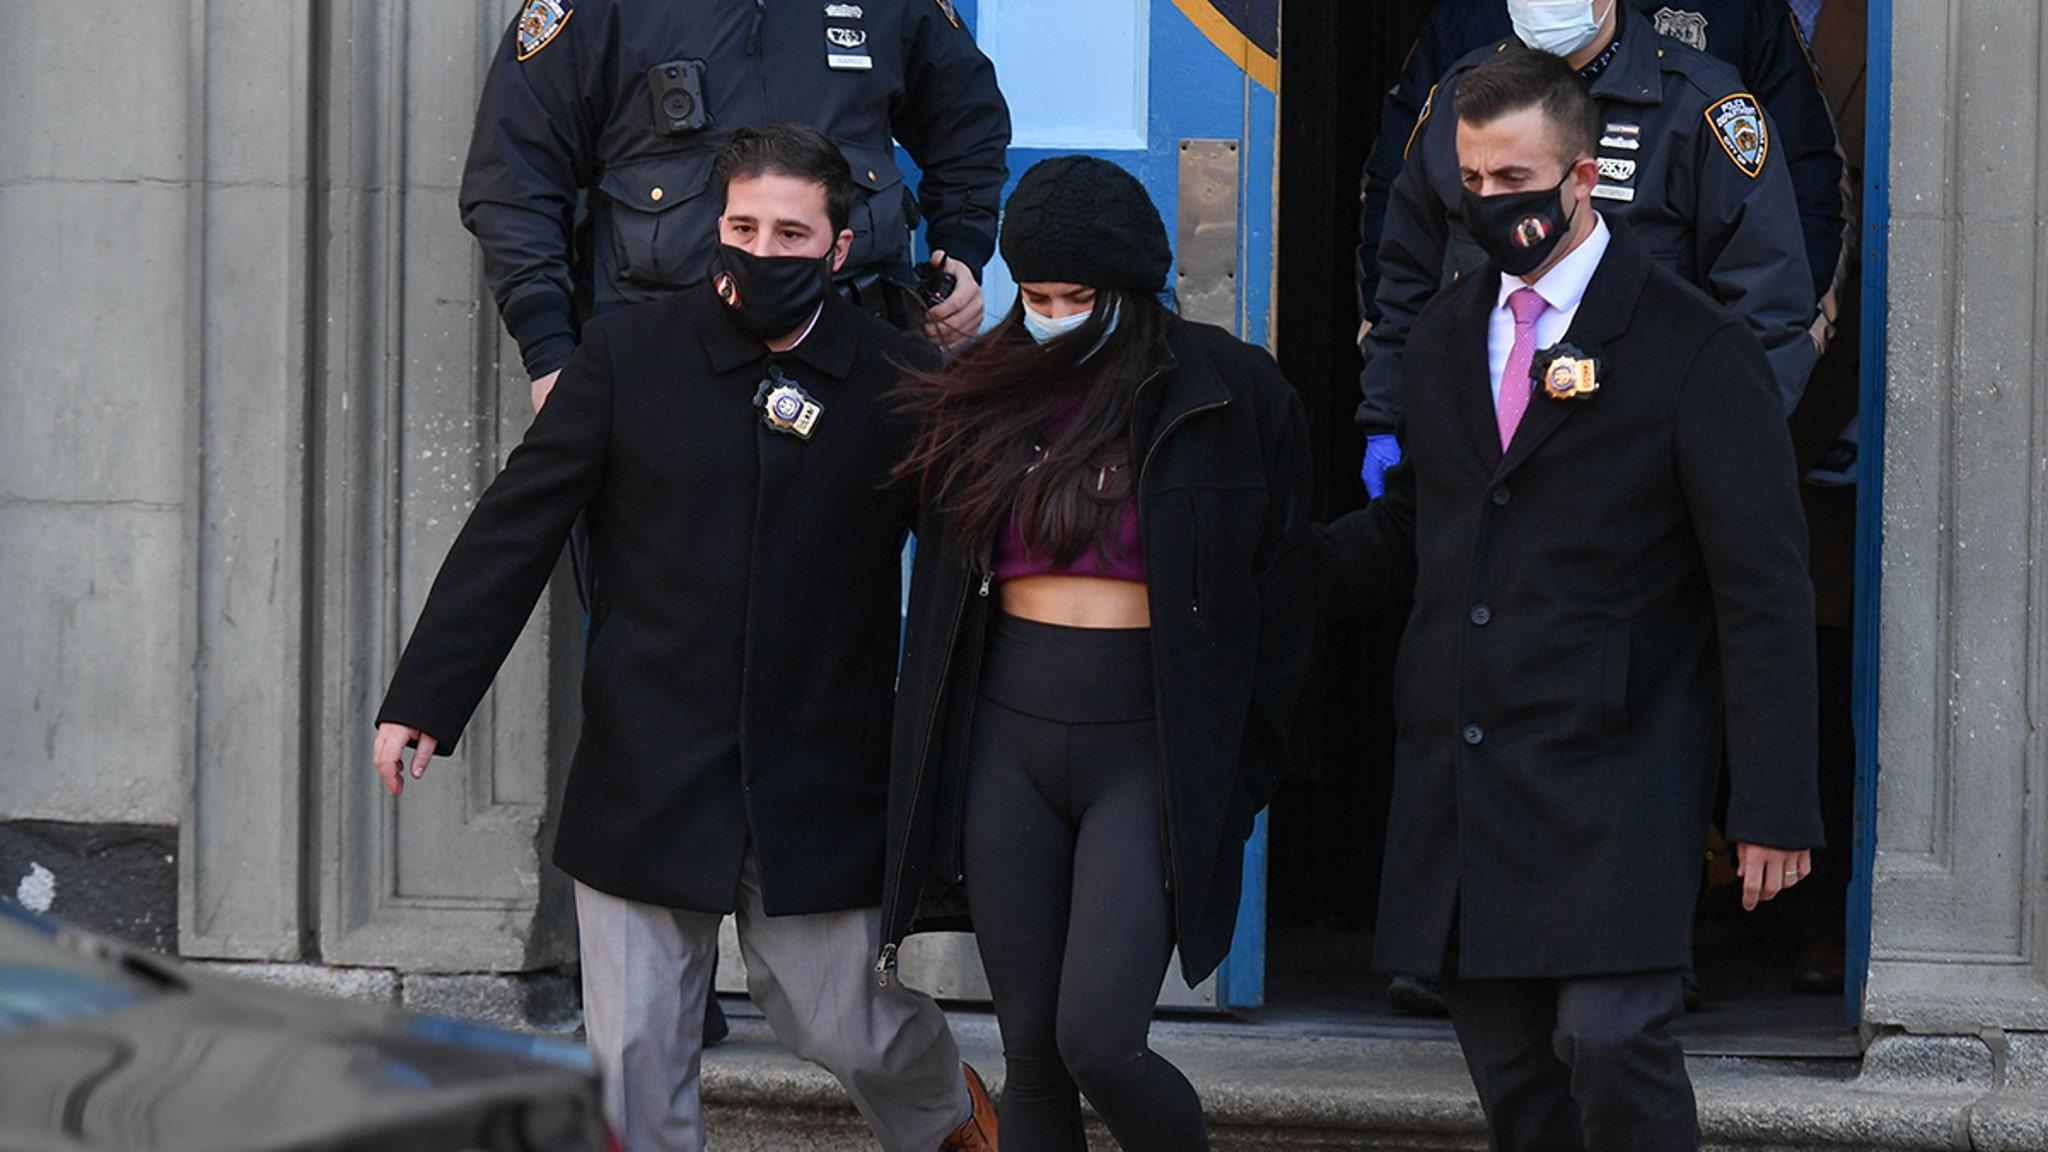 Мия Понсетто подала в суд за согласование в Нью-Йорке, скованные ногами